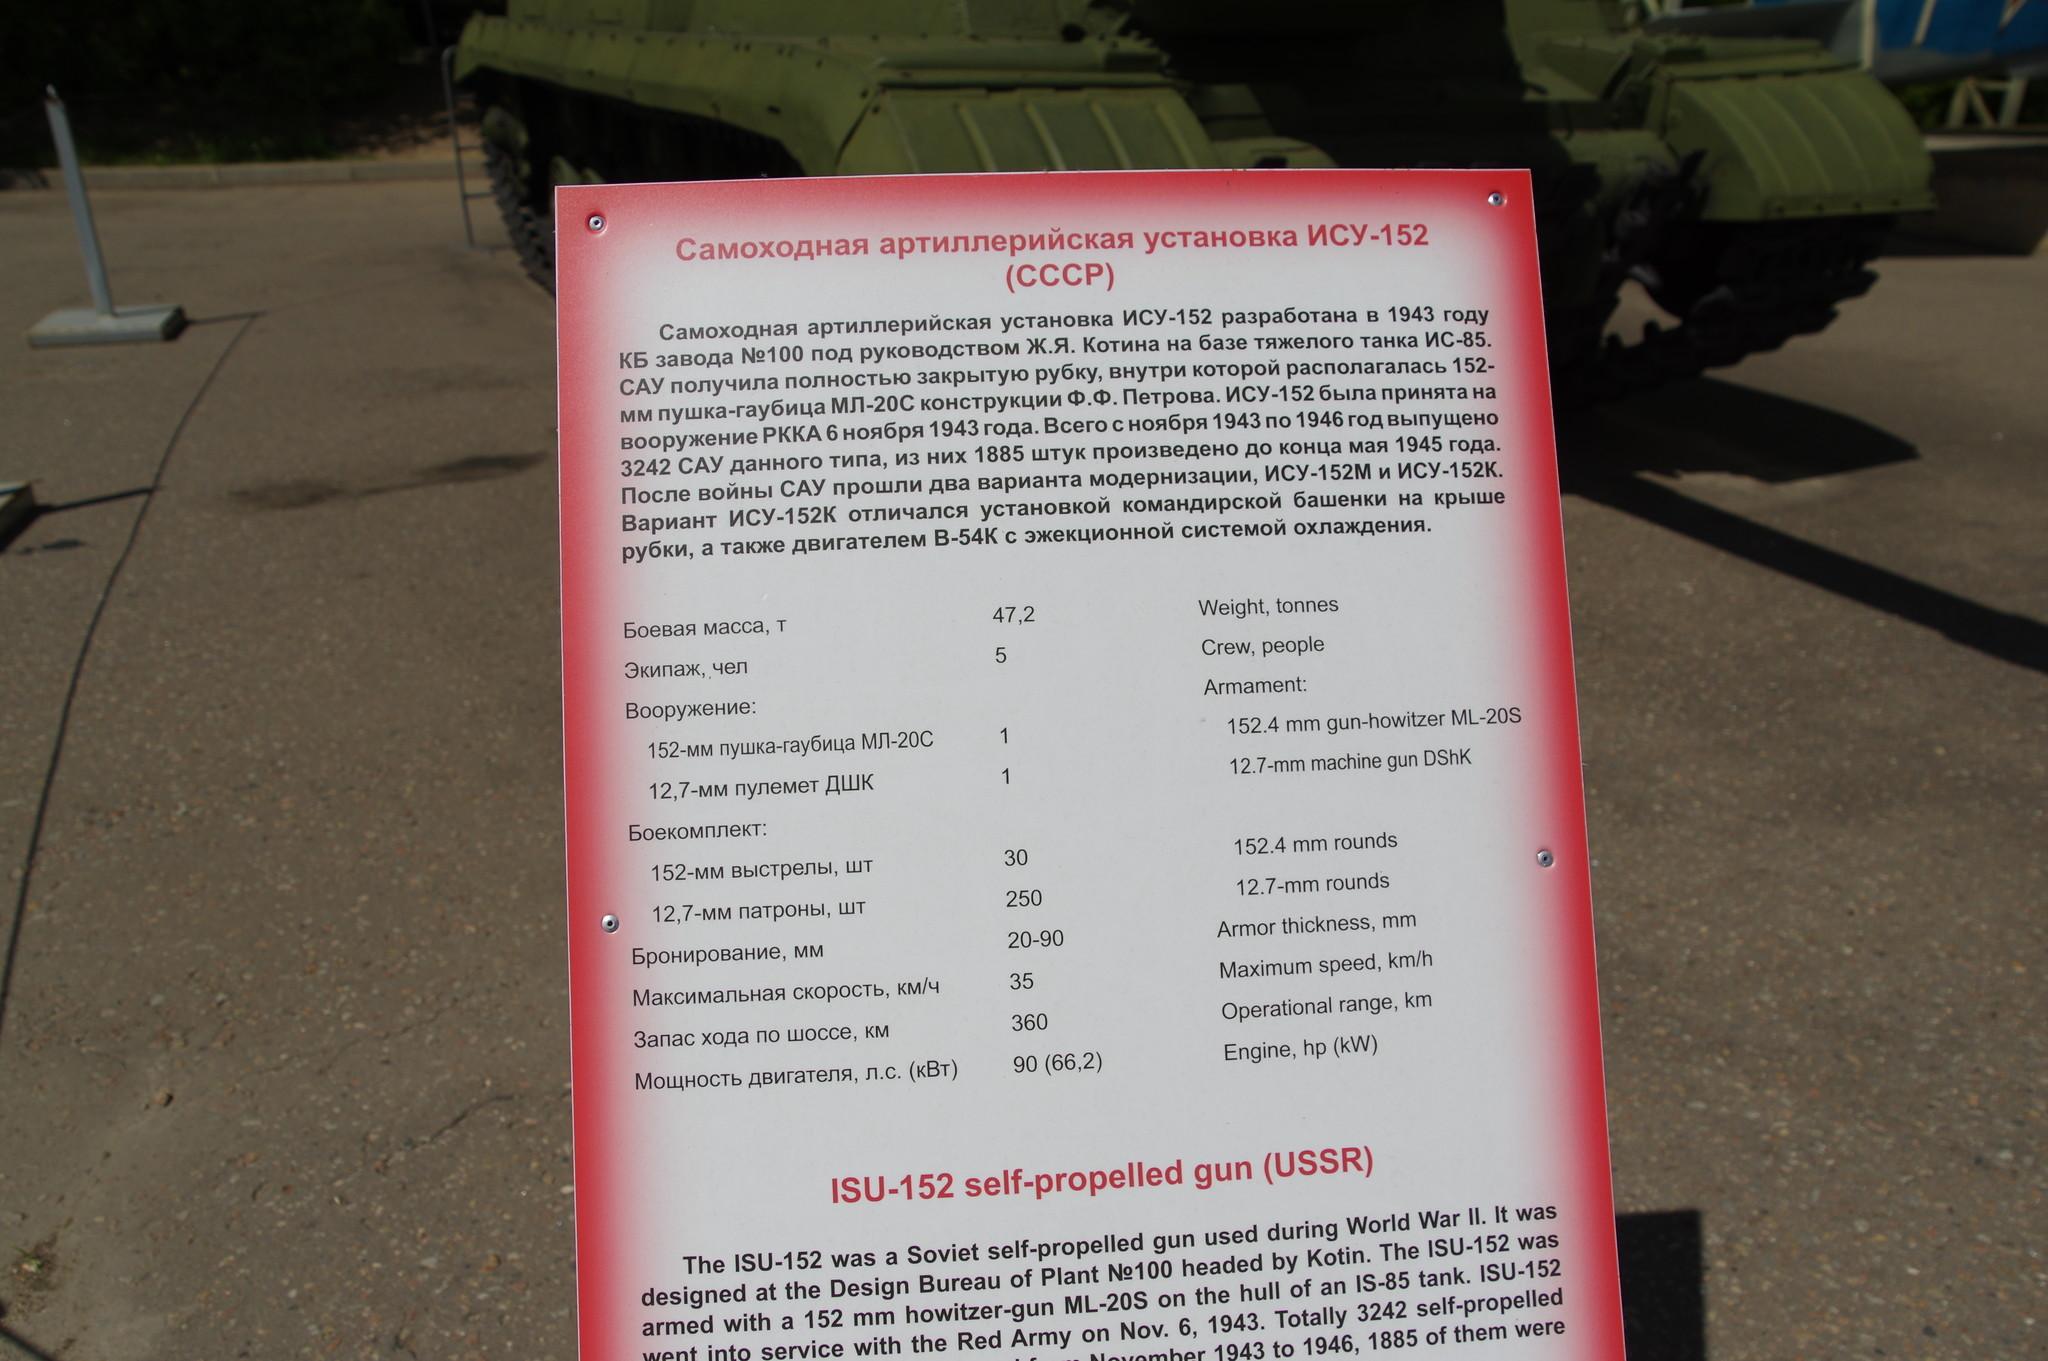 Самоходная артиллерийская установка ИСУ-152. Центральный музей Великой Отечественной войны 1941-1945 гг.